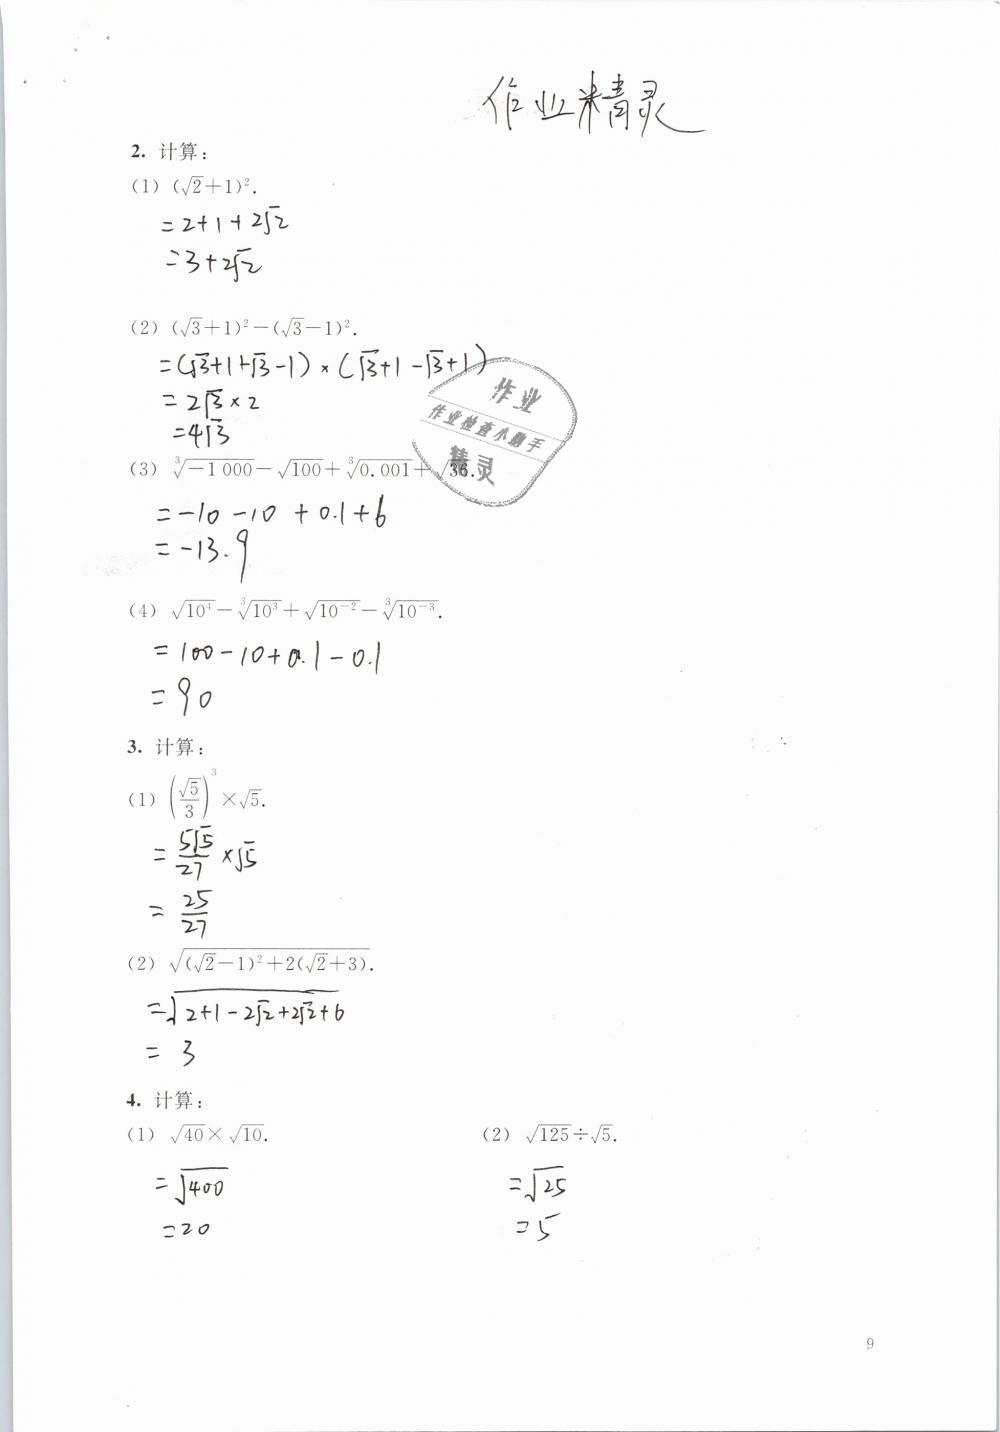 2019年数学练习部分七年级第二学期第9页